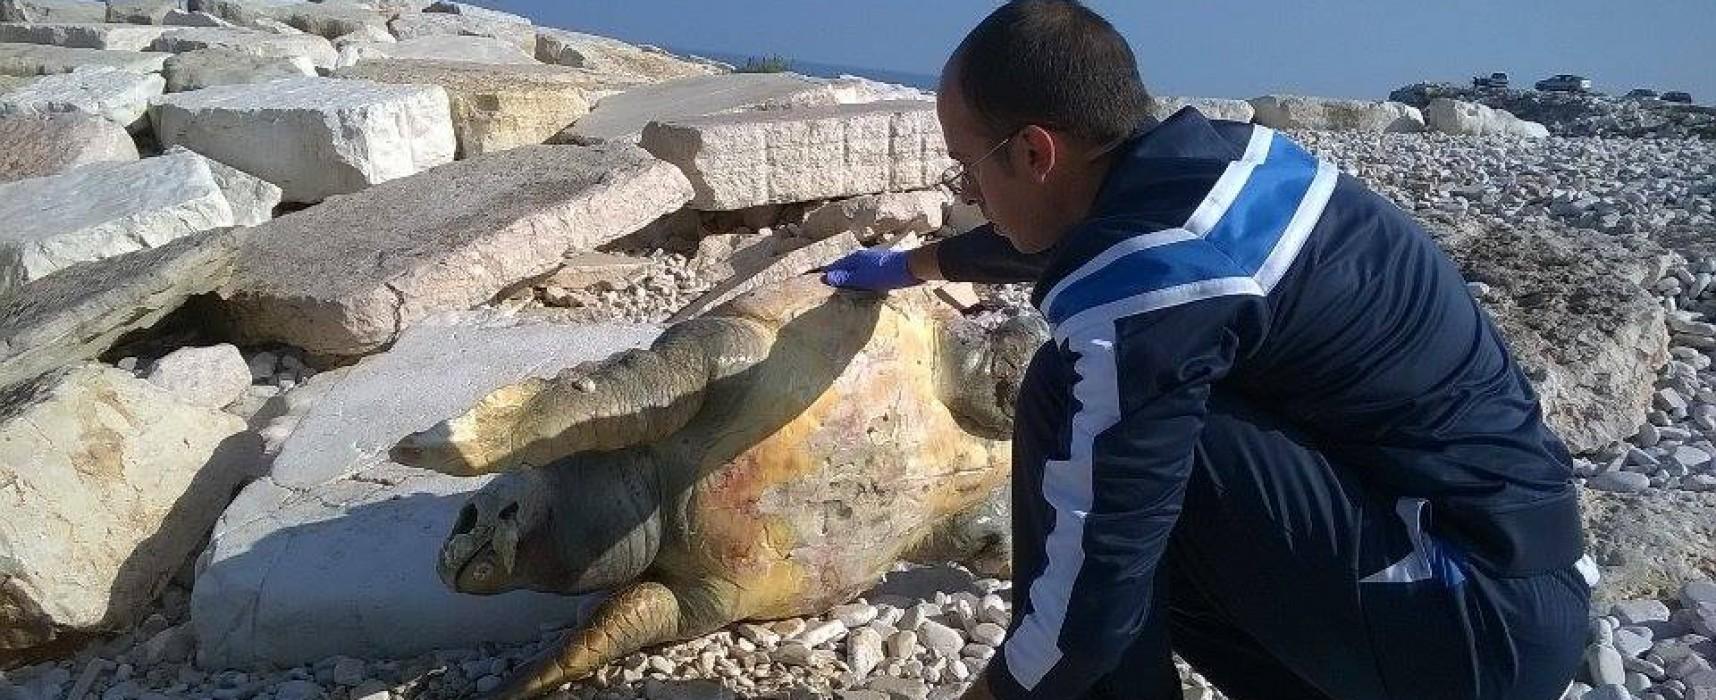 Carcassa di tartaruga marina rinvenuta stamattina sulla spiaggia in zona Bimarmi /FOTO